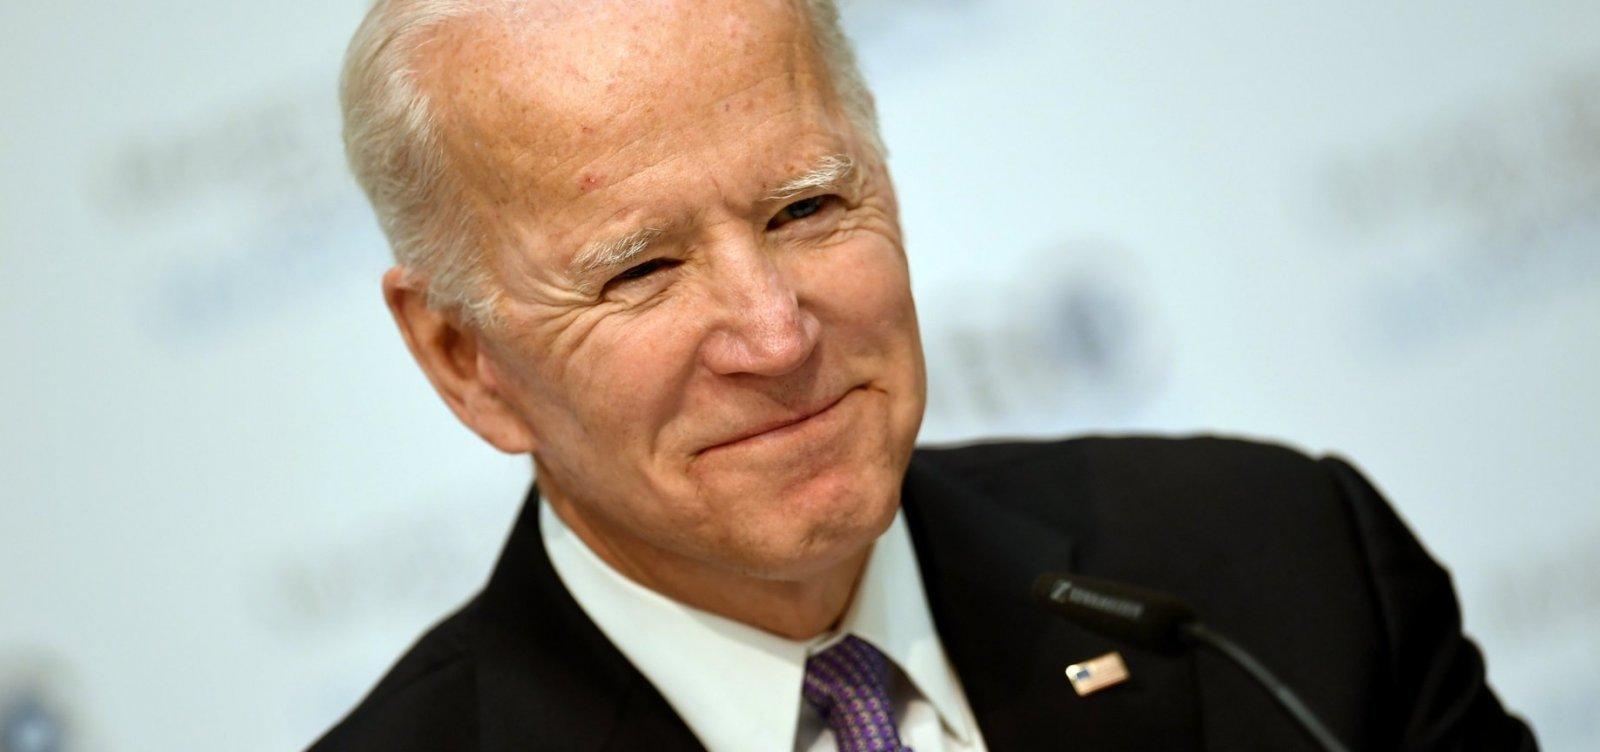 [Biden anuncia primeiras medidas do governo]